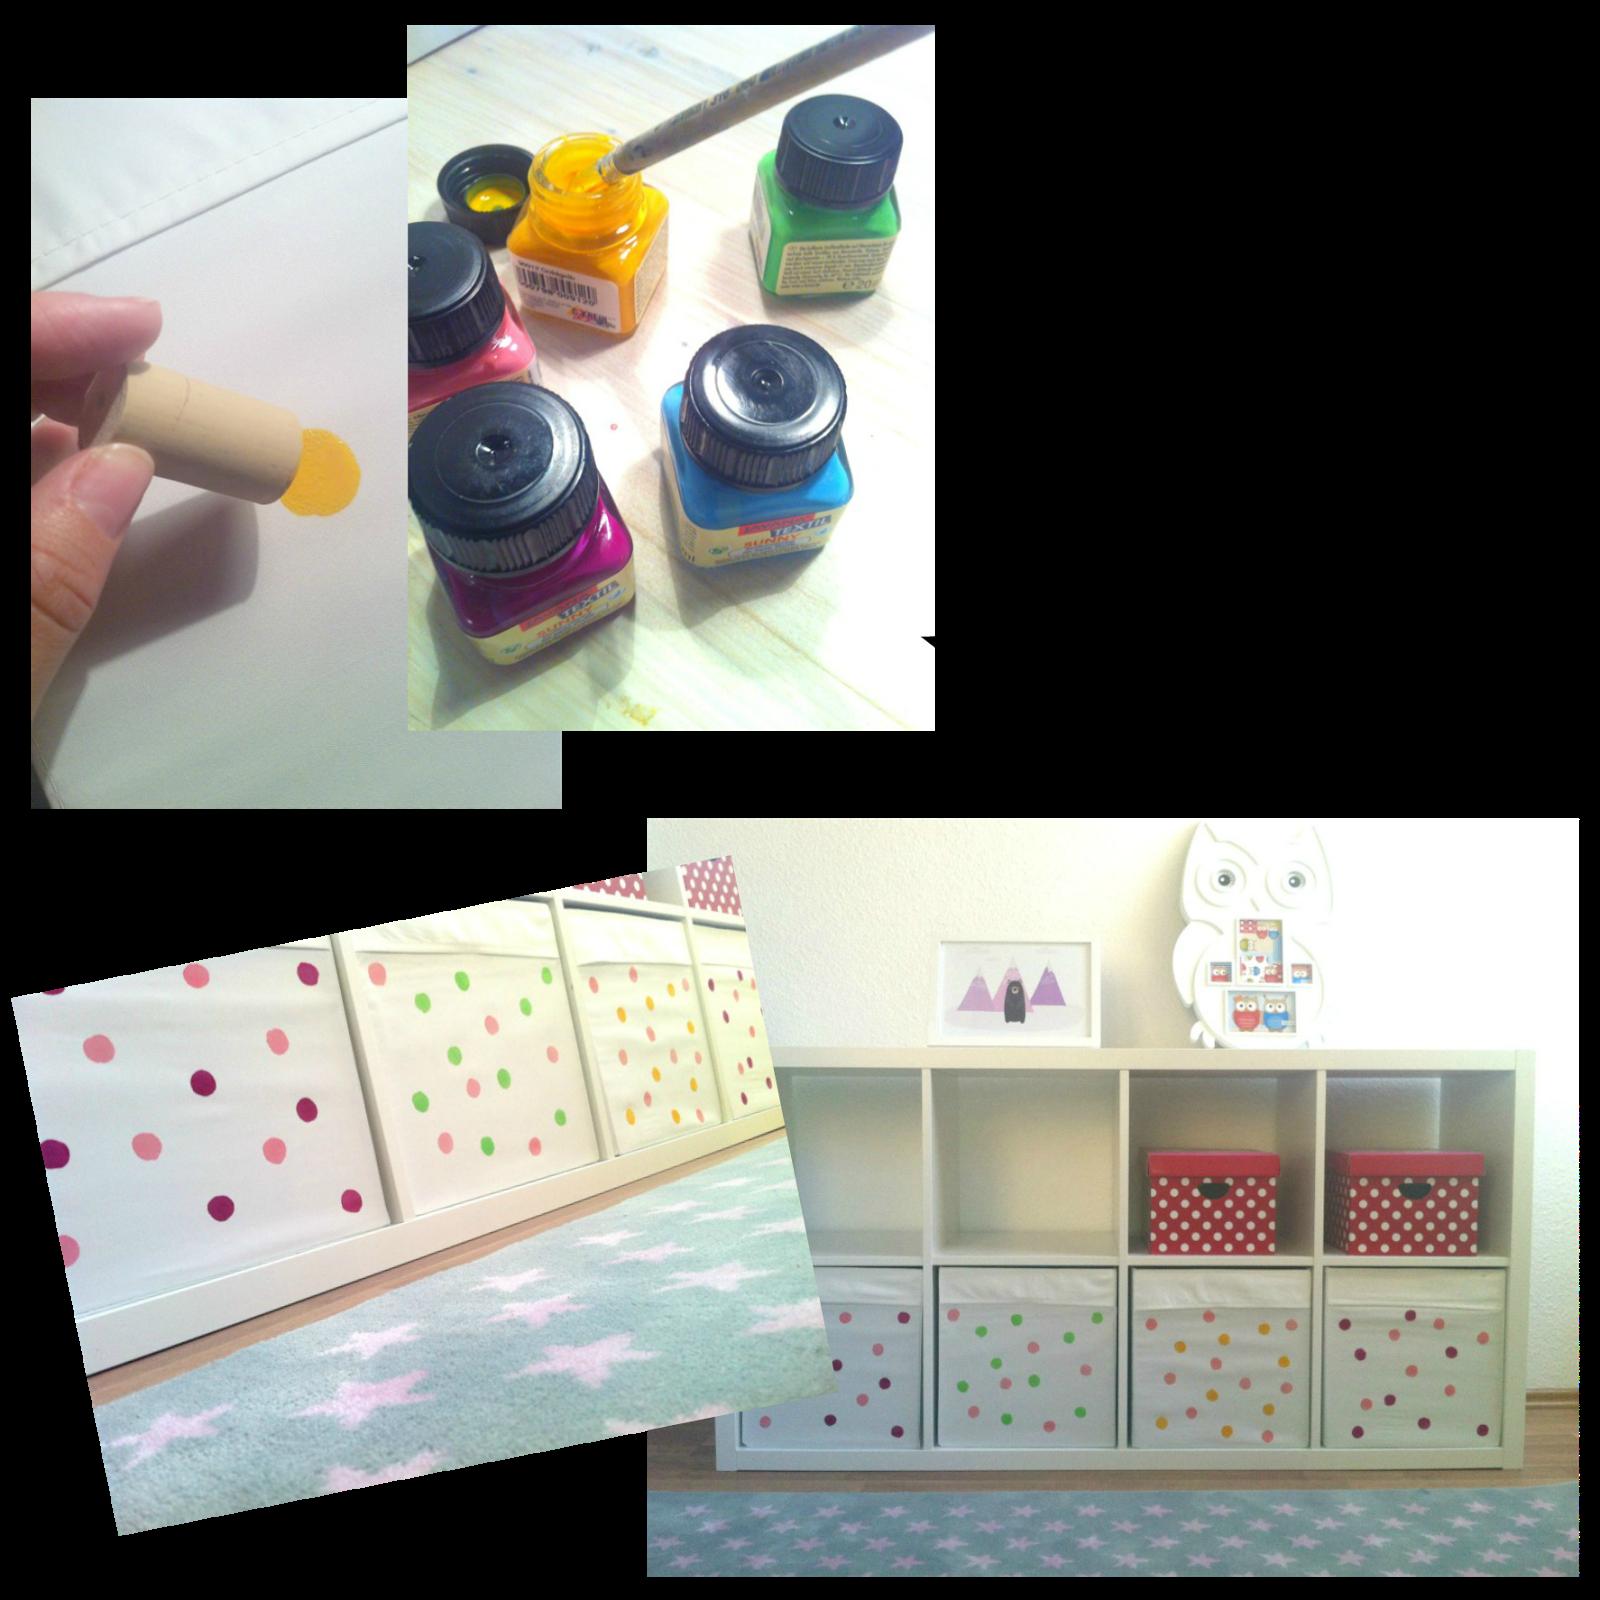 diy spielzeugkisten selbst gestalten mit knalligen punkten mehr farbe ins kinderzimmer. Black Bedroom Furniture Sets. Home Design Ideas